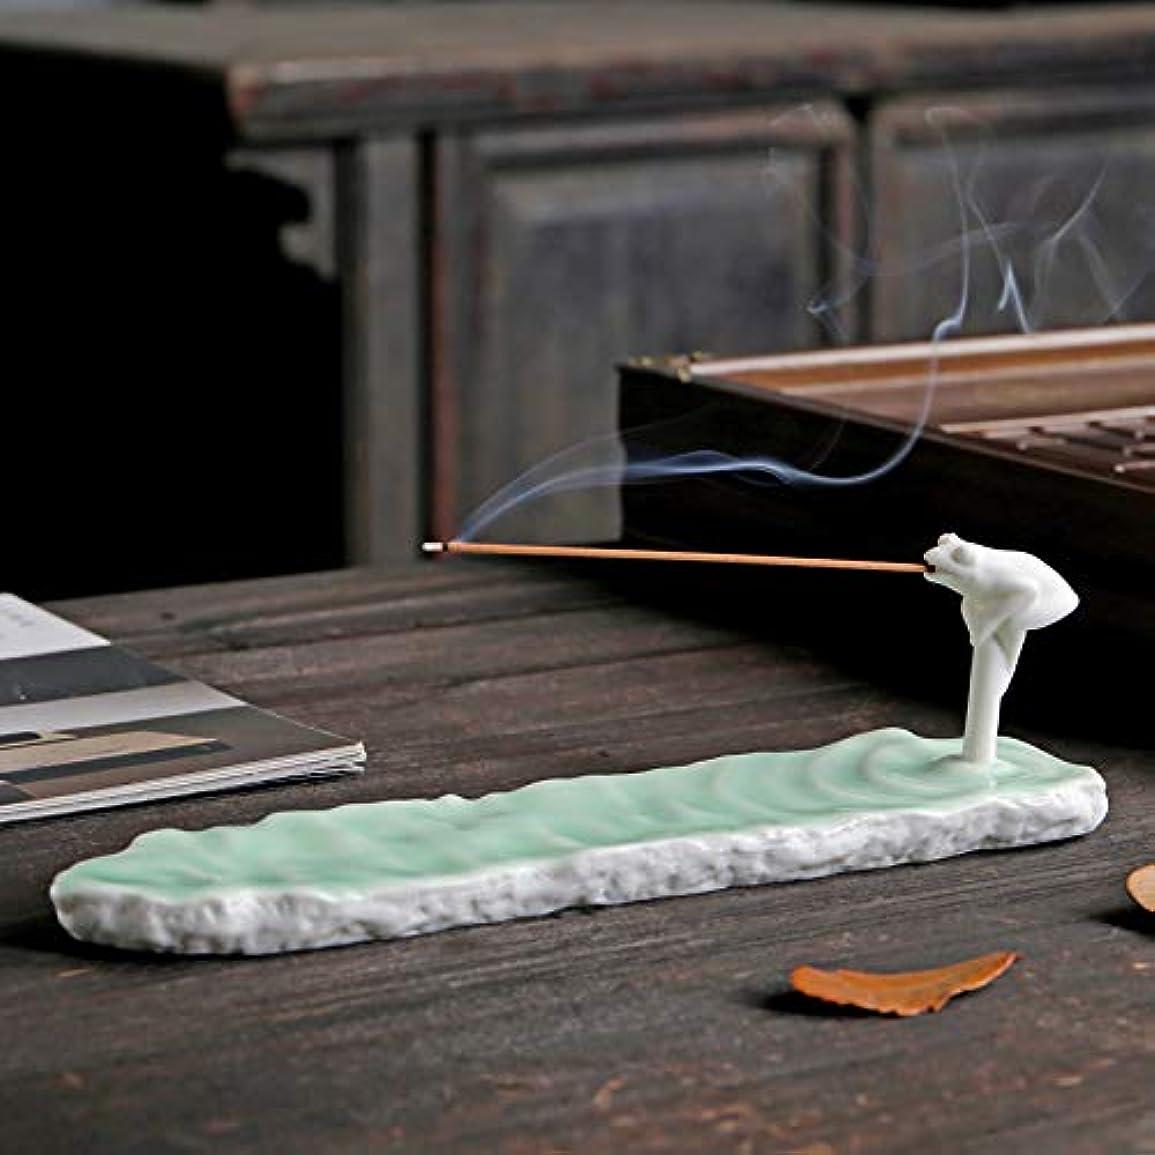 クマノミうれしい不道徳PHILOGOD 陶器香炉 手作り創造的なカエルの形 仏壇用 線香立て 香皿 (Green)